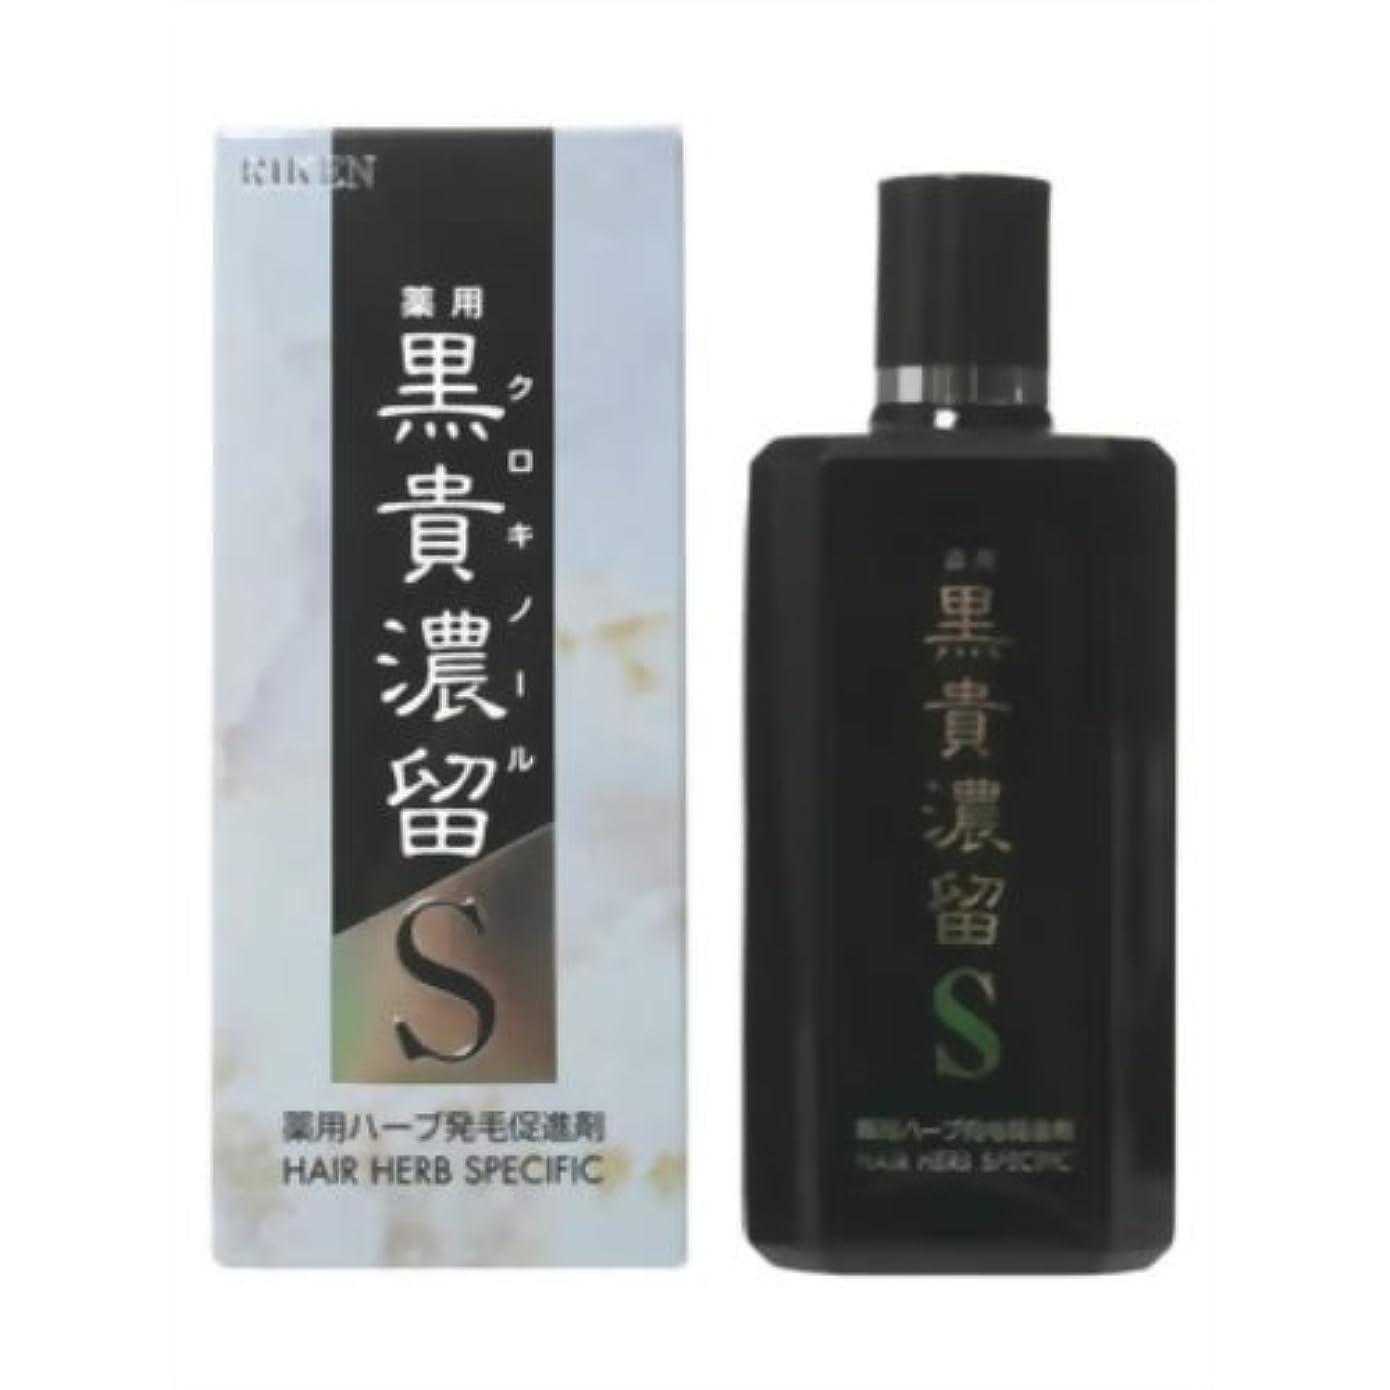 リケン 黒貴濃留S(クロキノール) 150ml